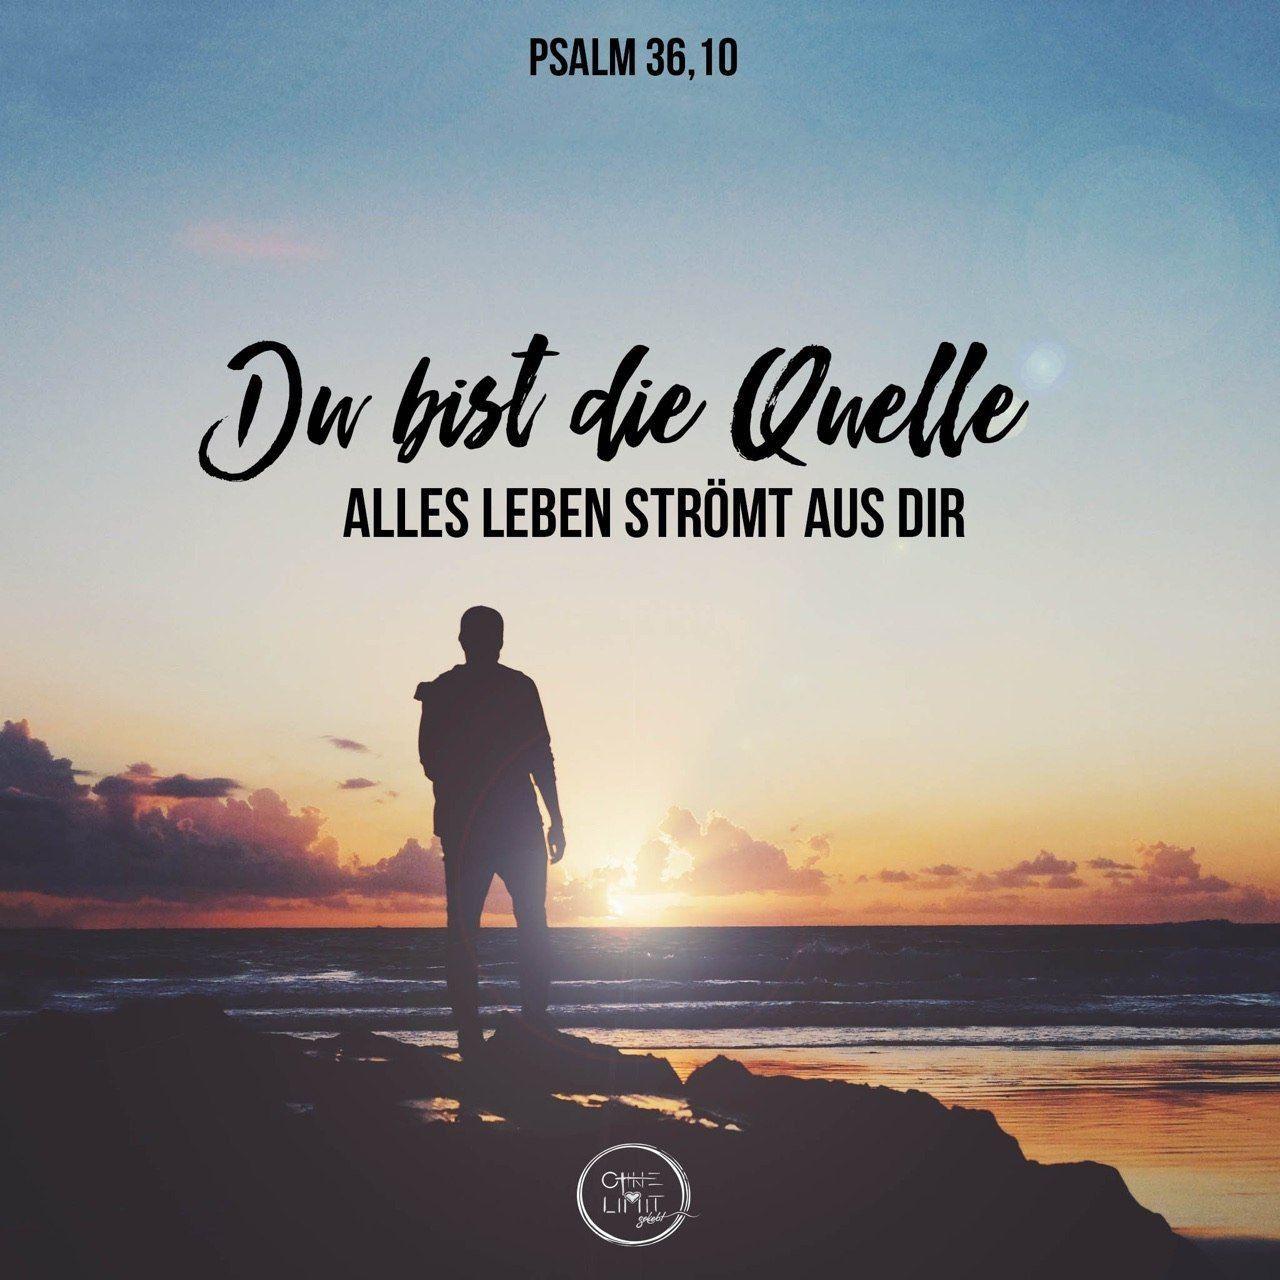 Bibelspruch Des Tages